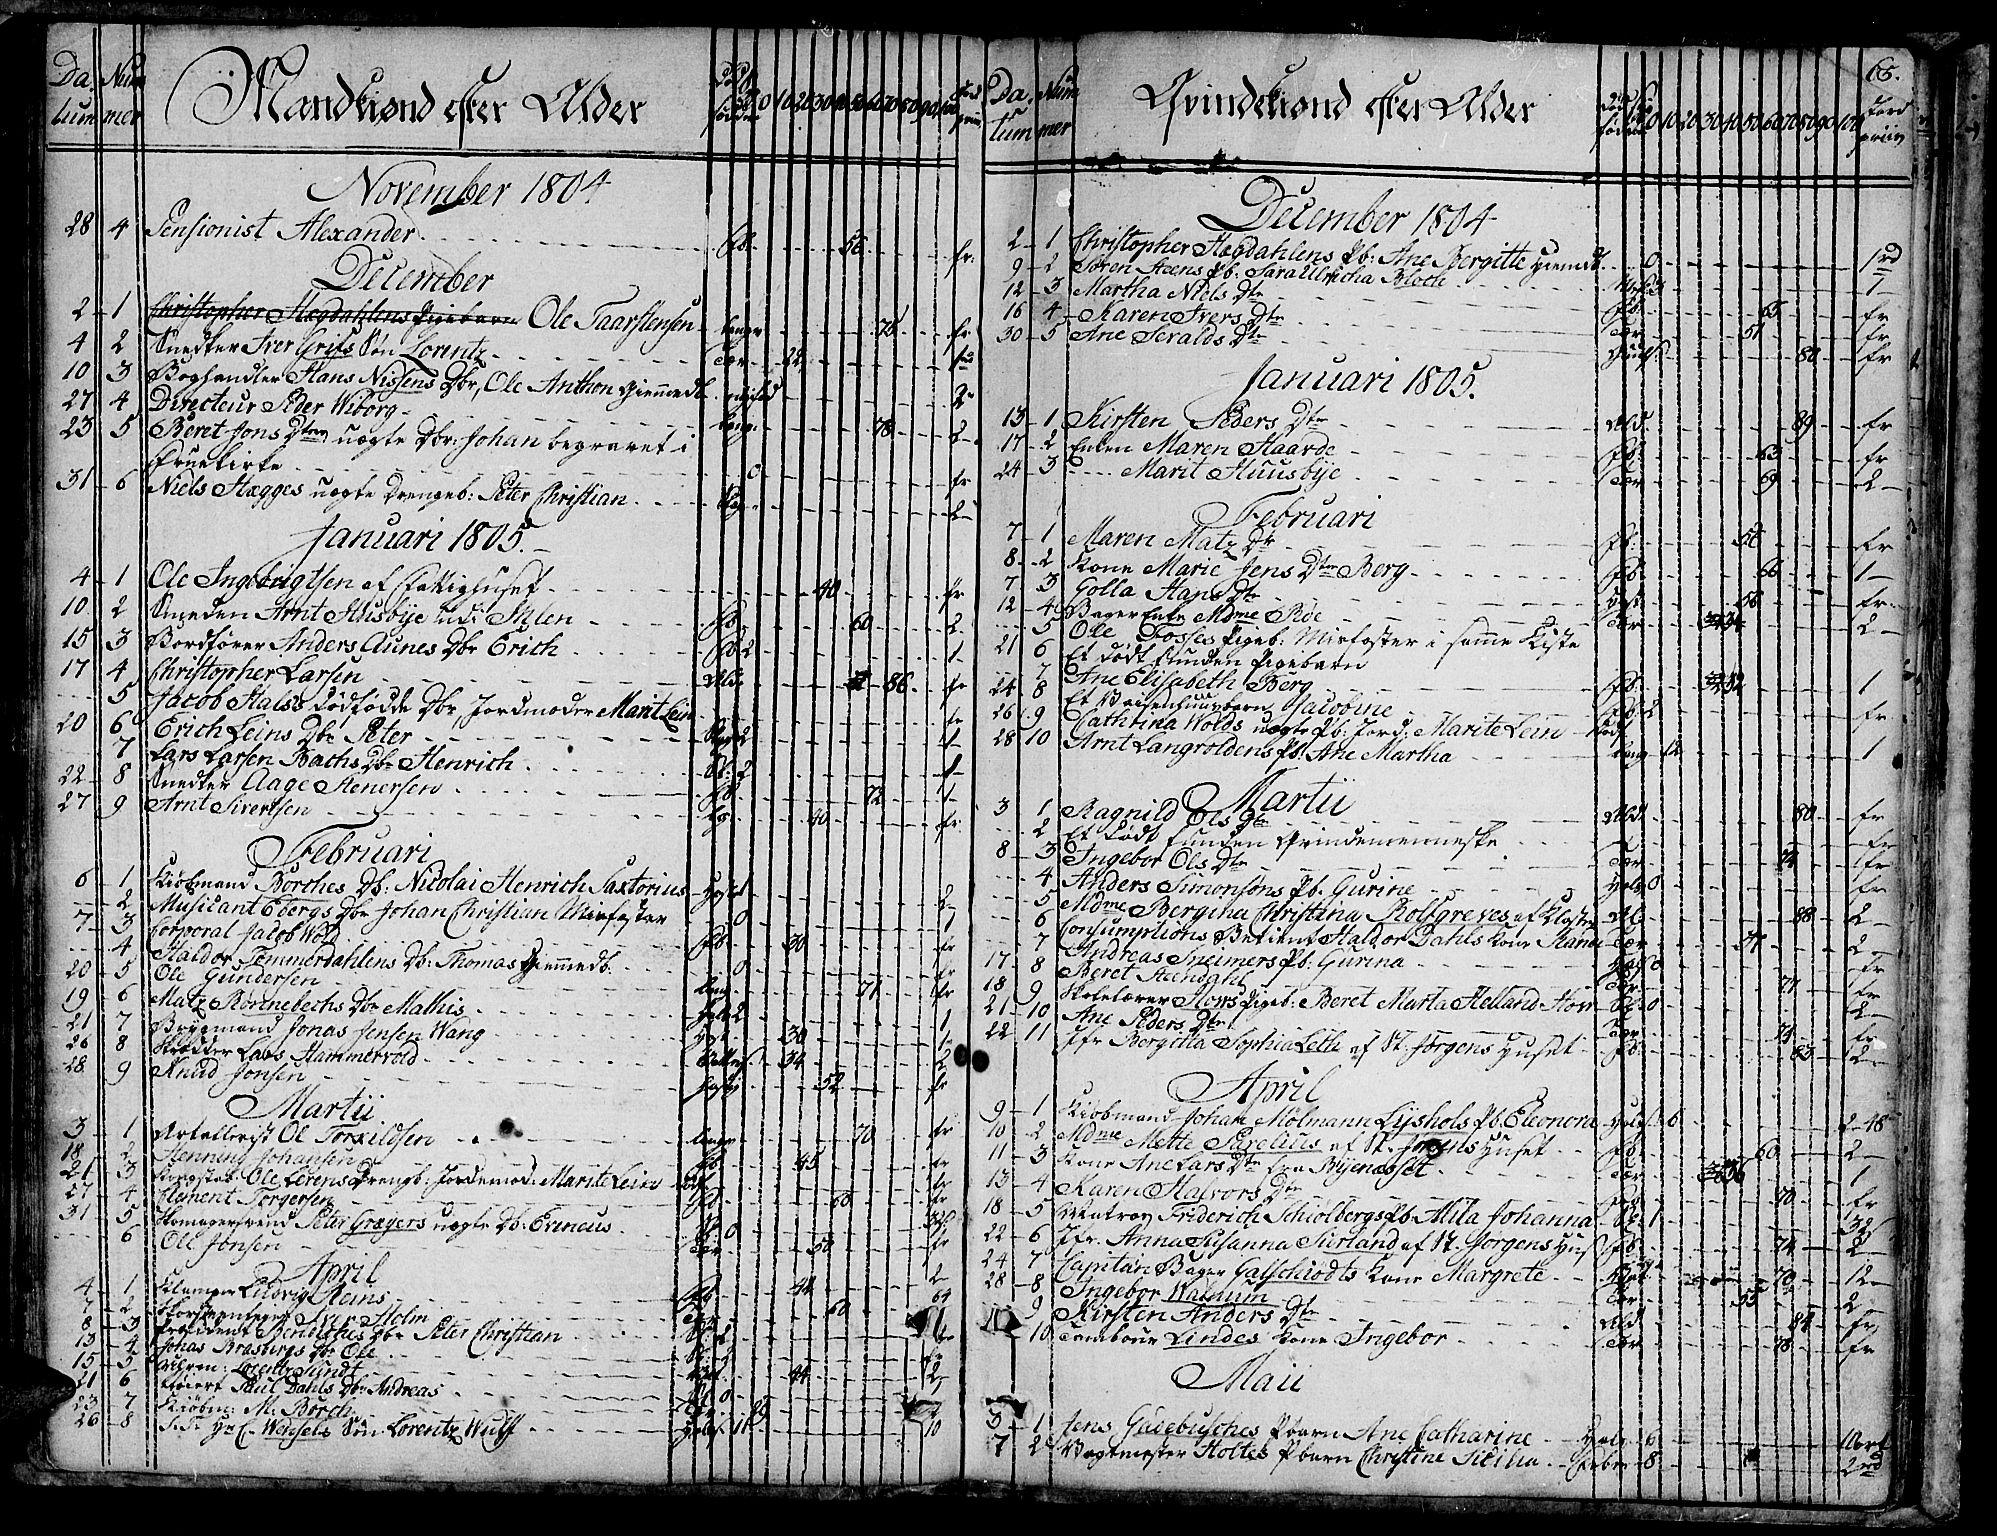 SAT, Ministerialprotokoller, klokkerbøker og fødselsregistre - Sør-Trøndelag, 601/L0040: Ministerialbok nr. 601A08, 1783-1818, s. 65